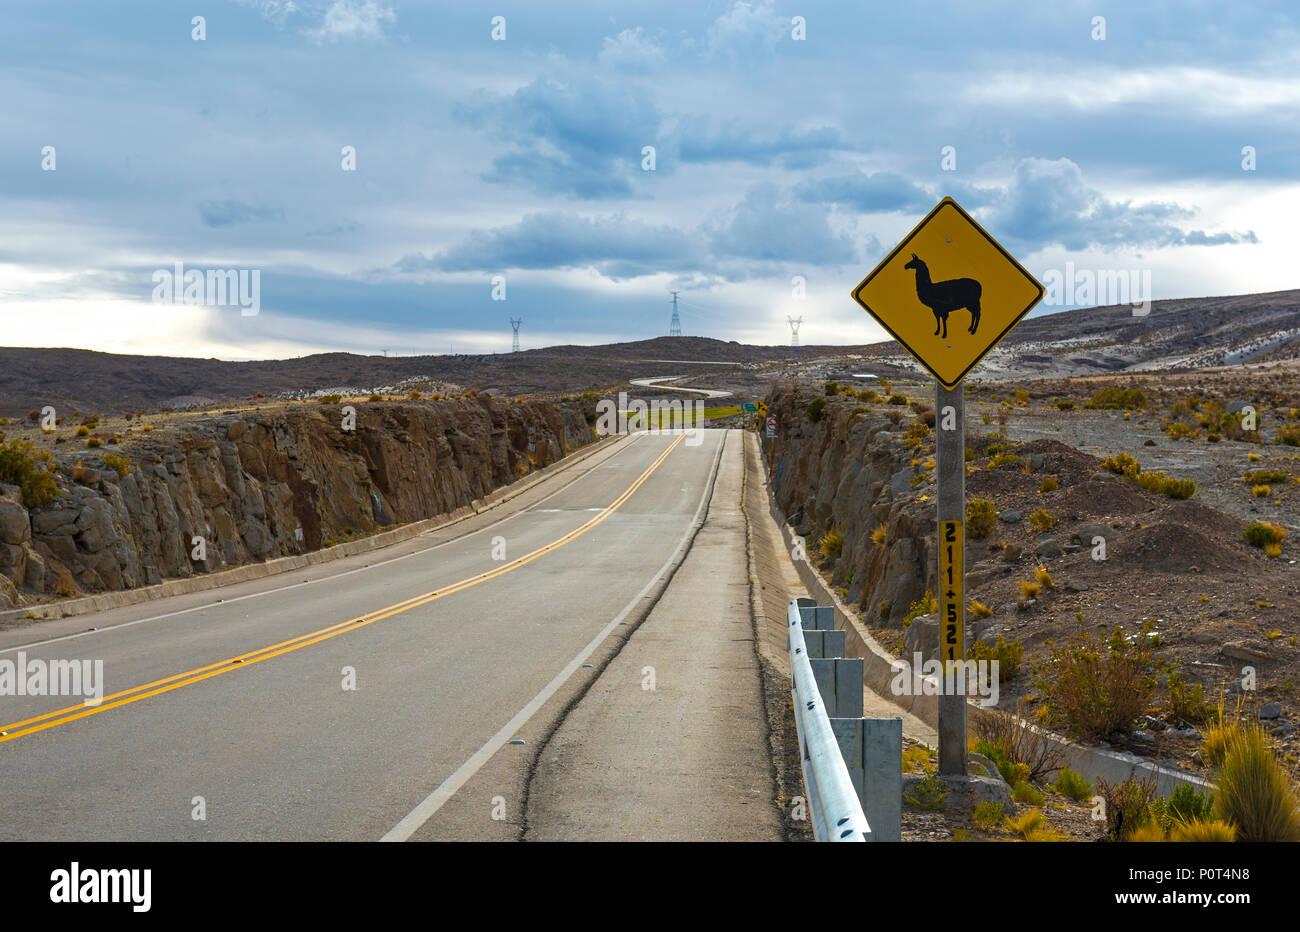 Lamas et alpagas sur le signe de route sur une autoroute à distance en Bolivie. Ces signes se trouvent dans la gamme de montagne des Andes de Bolivie, Équateur, Pérou, Chili. Photo Stock